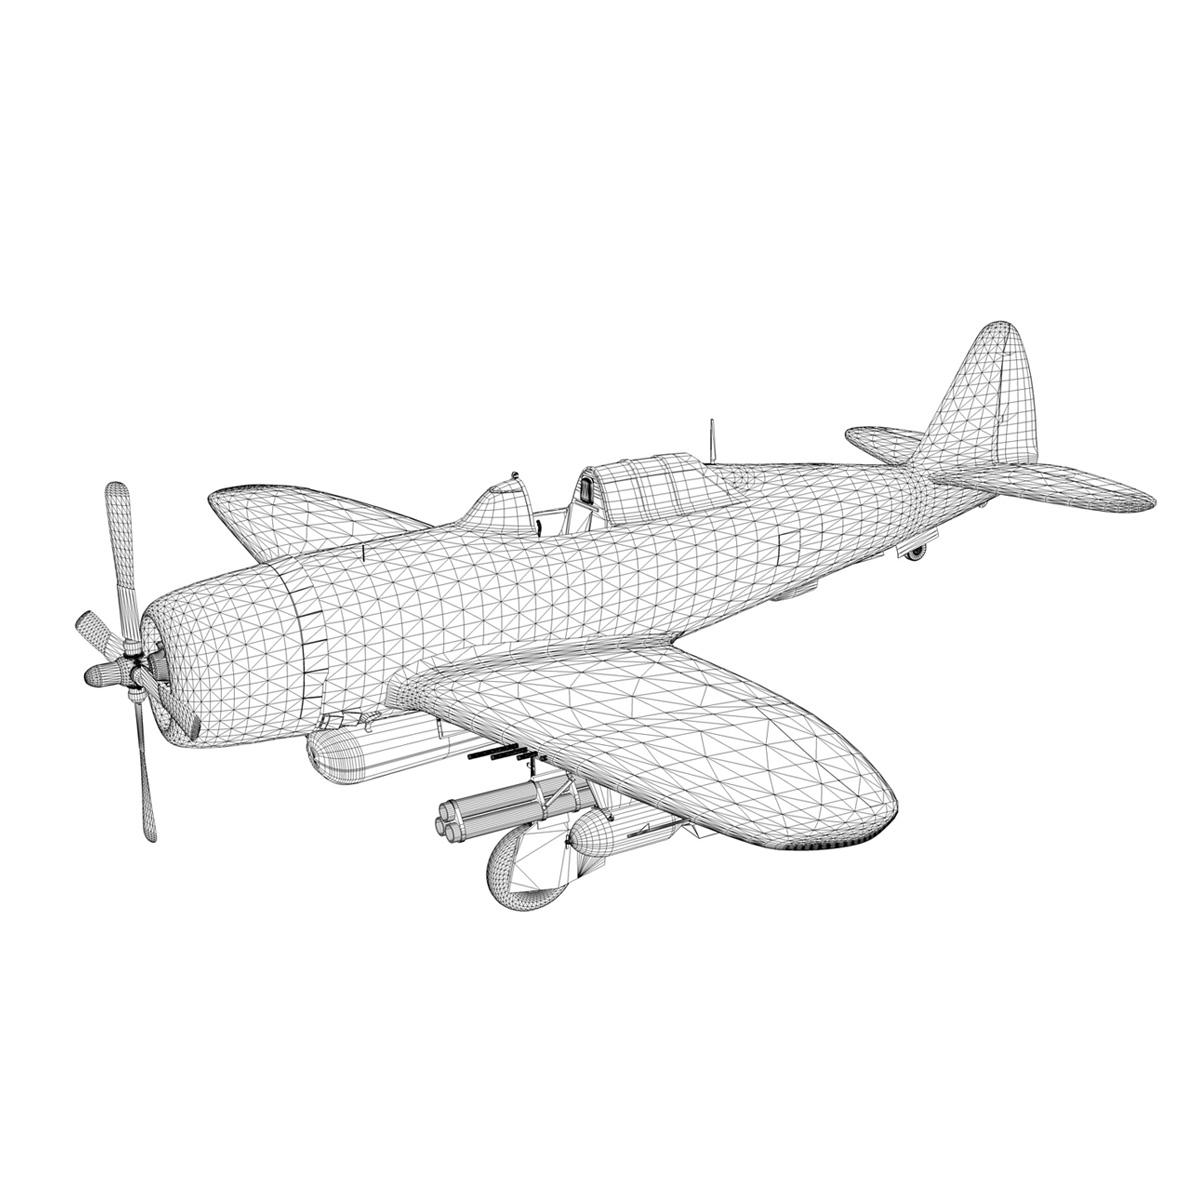 republic p-47d thunderbolt – sweetie – pz-r 3d model 3ds fbx c4d lwo obj 281850